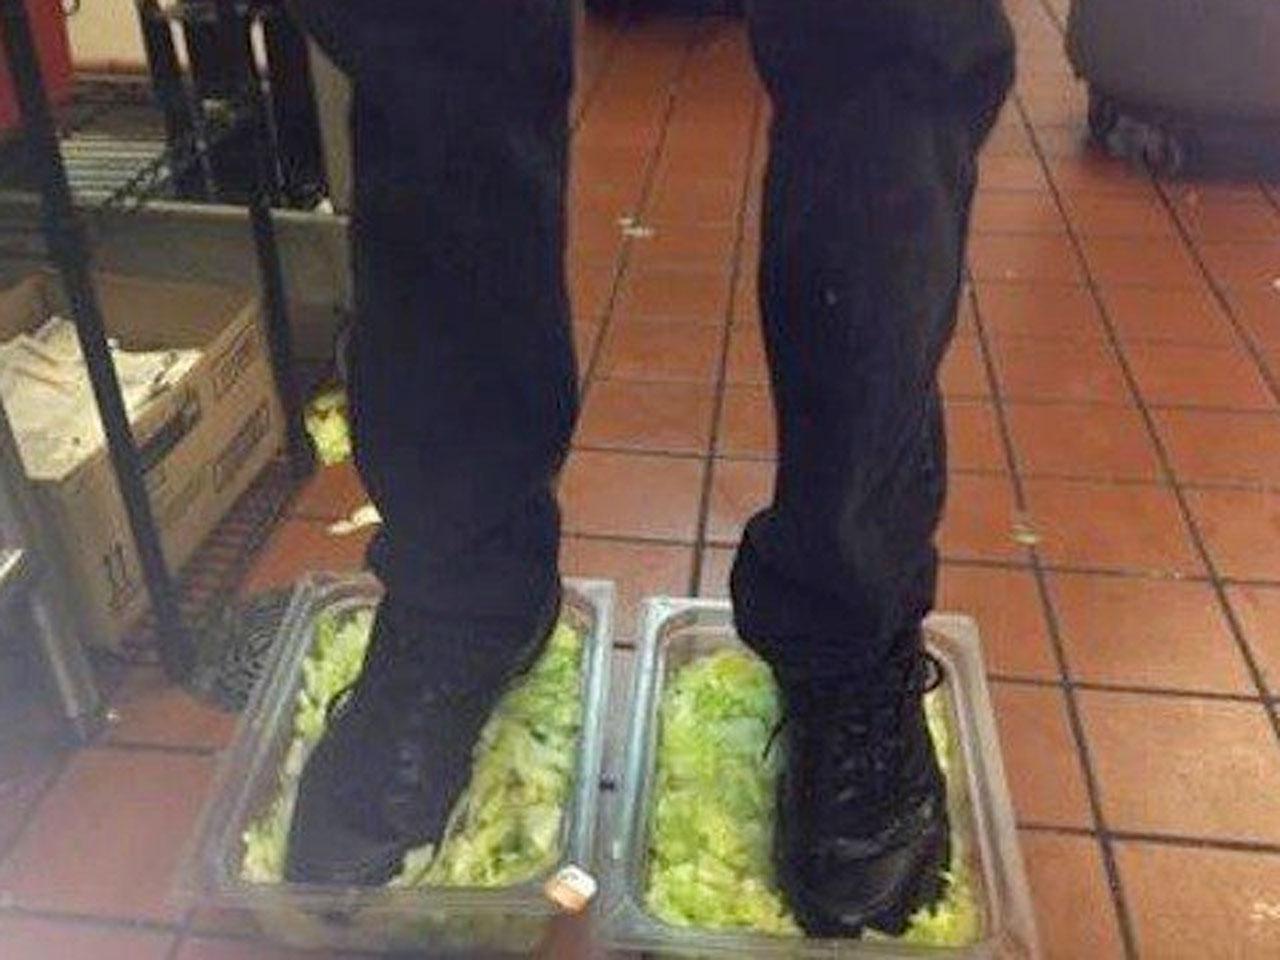 burger king lettuce bin scandal